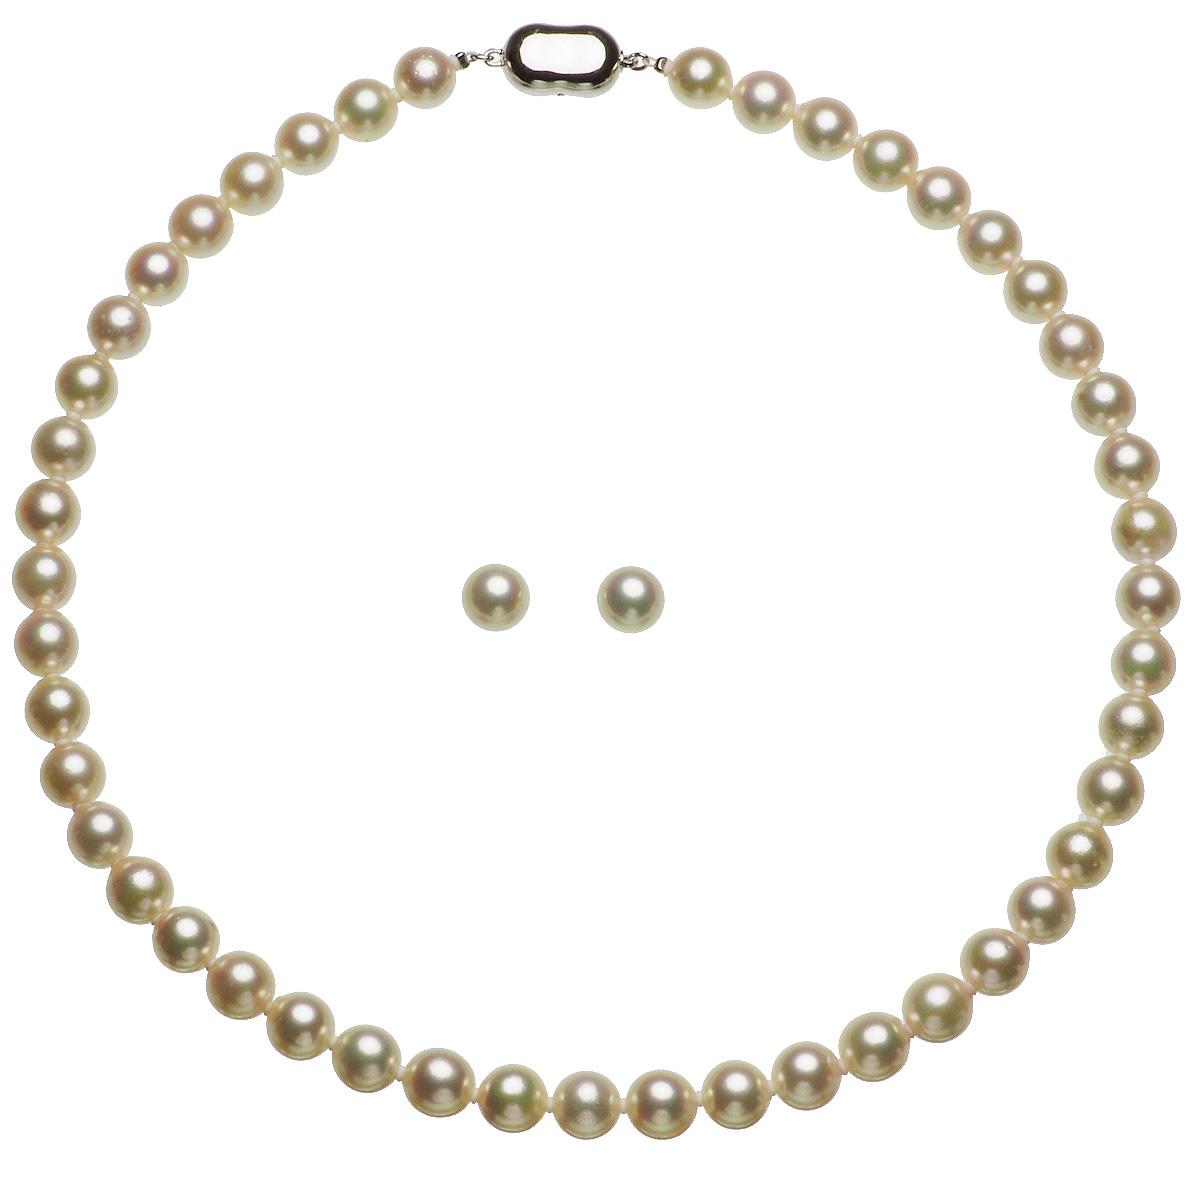 アコヤ 厚巻き 高品質 真珠 パール フォーマル セット 約8.0-8.5mmの写真